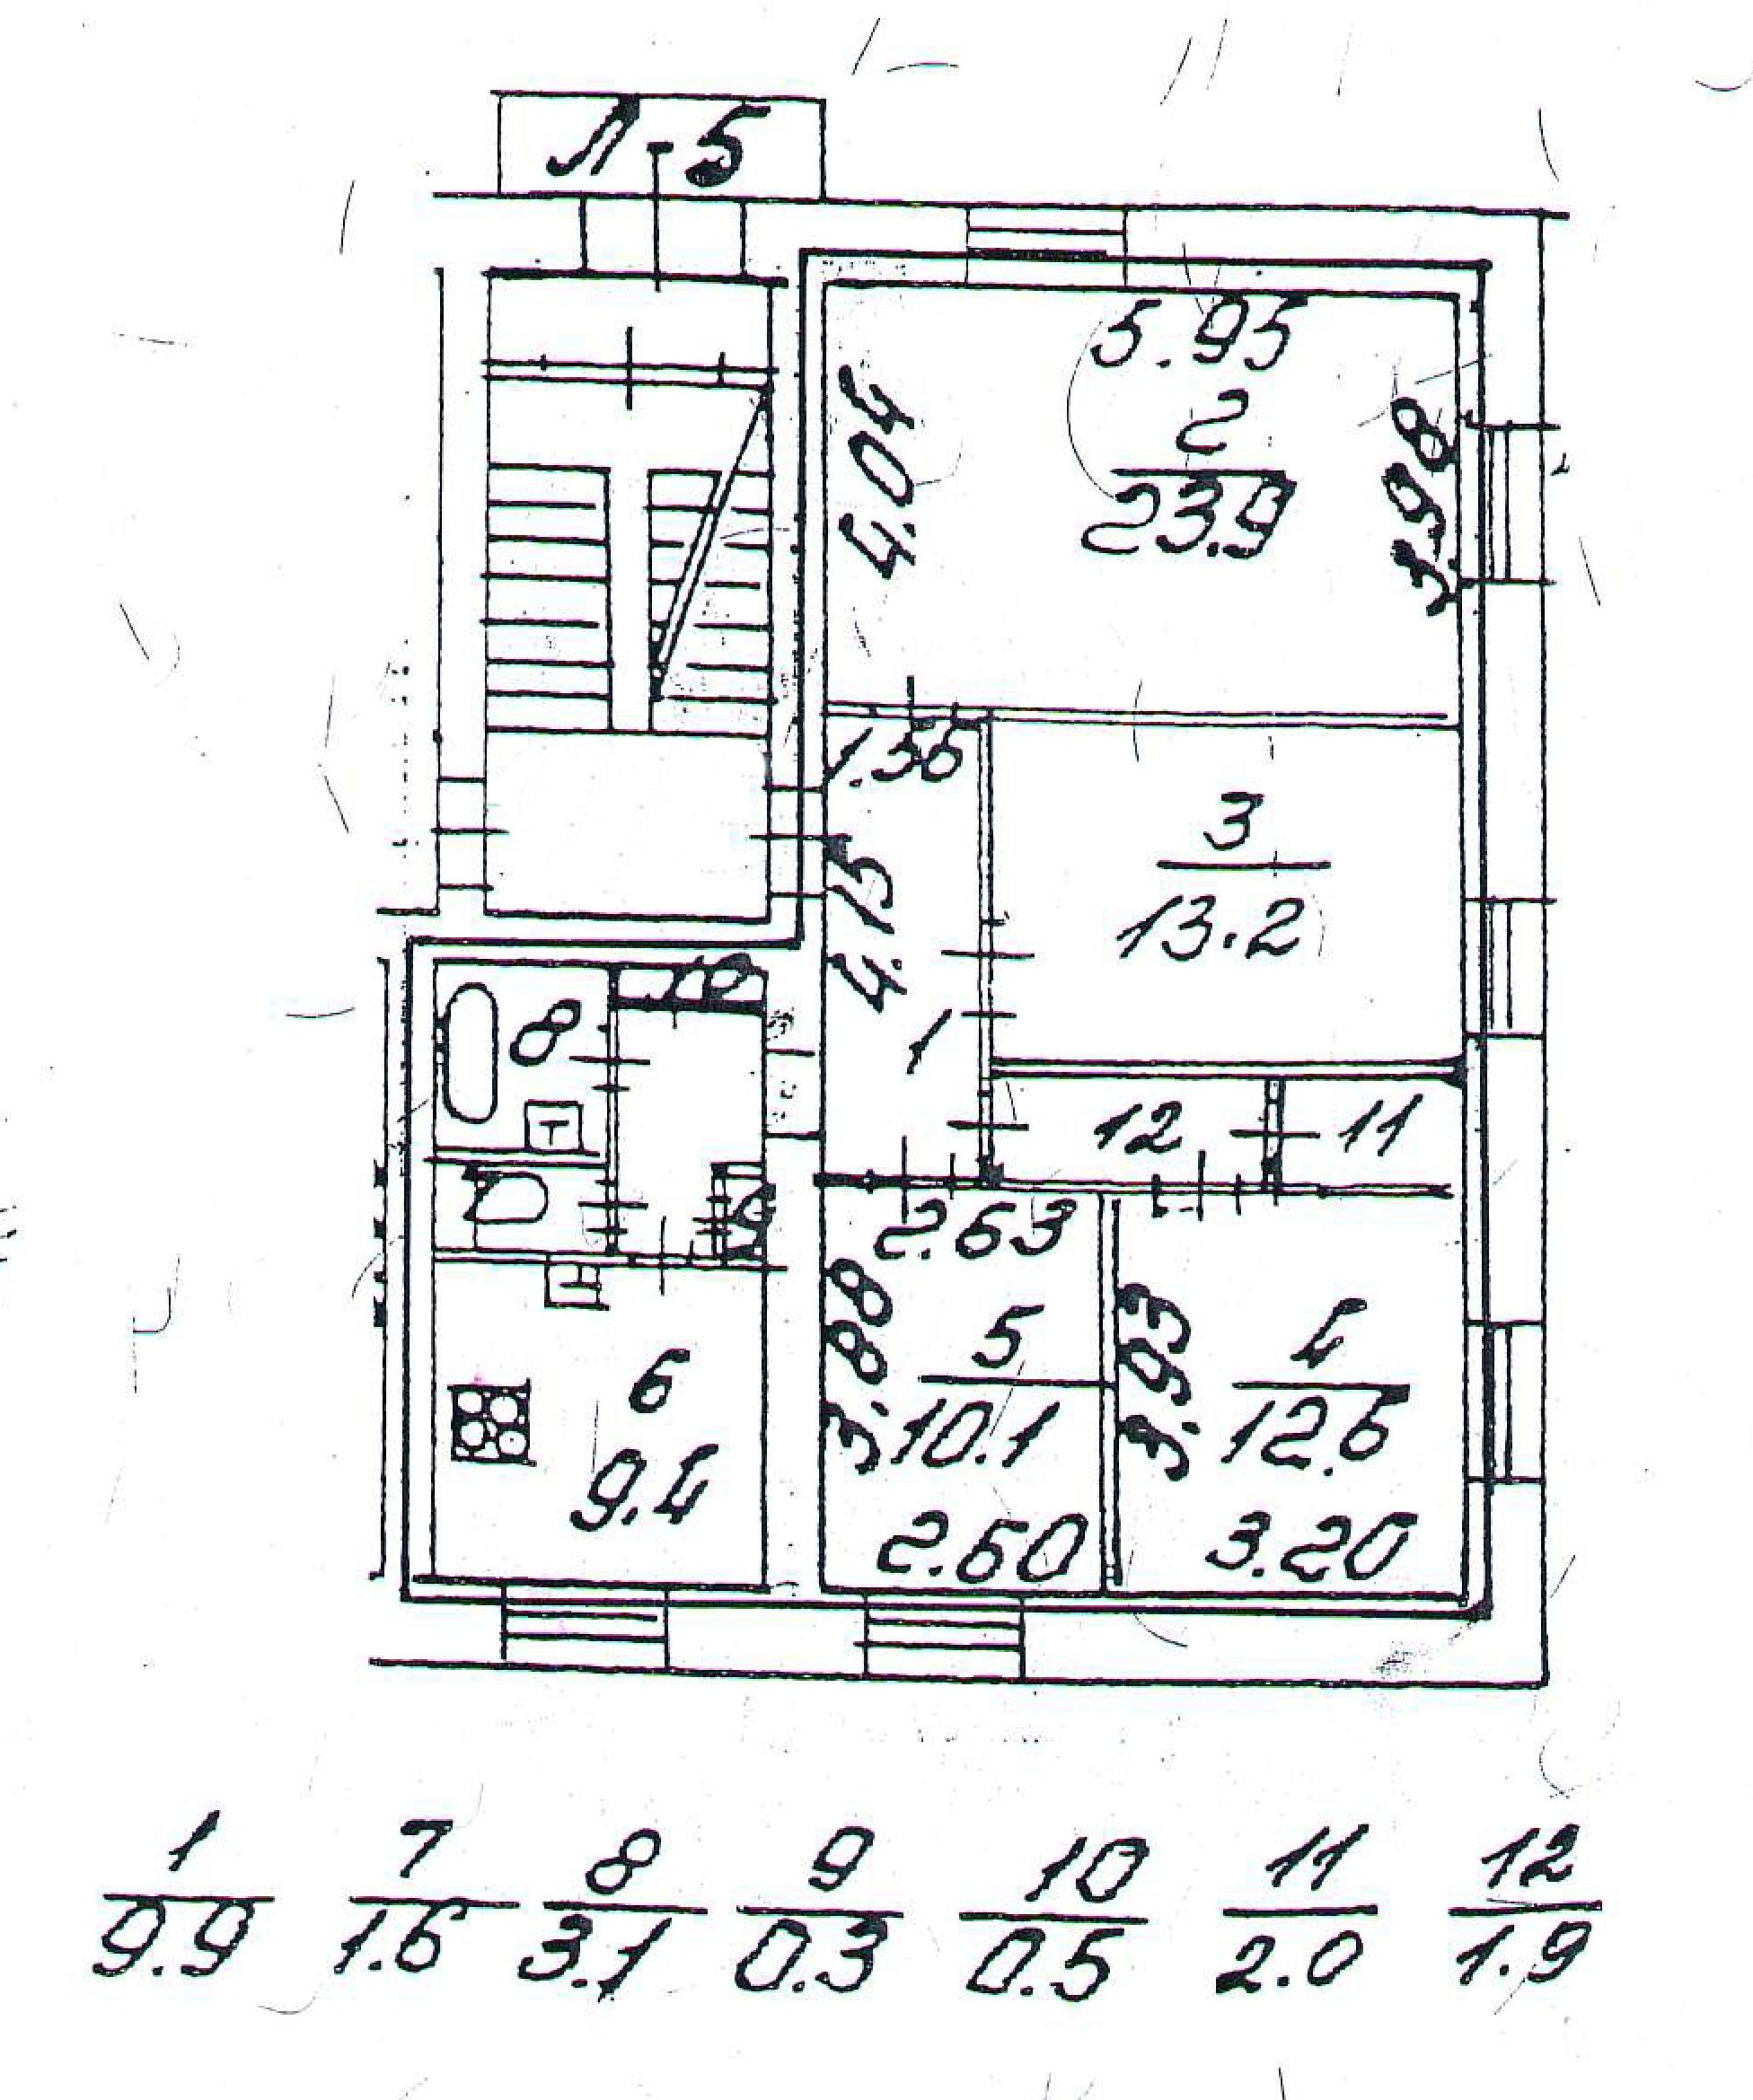 Согласование перепланировки квартиры в санкт-петербурге.